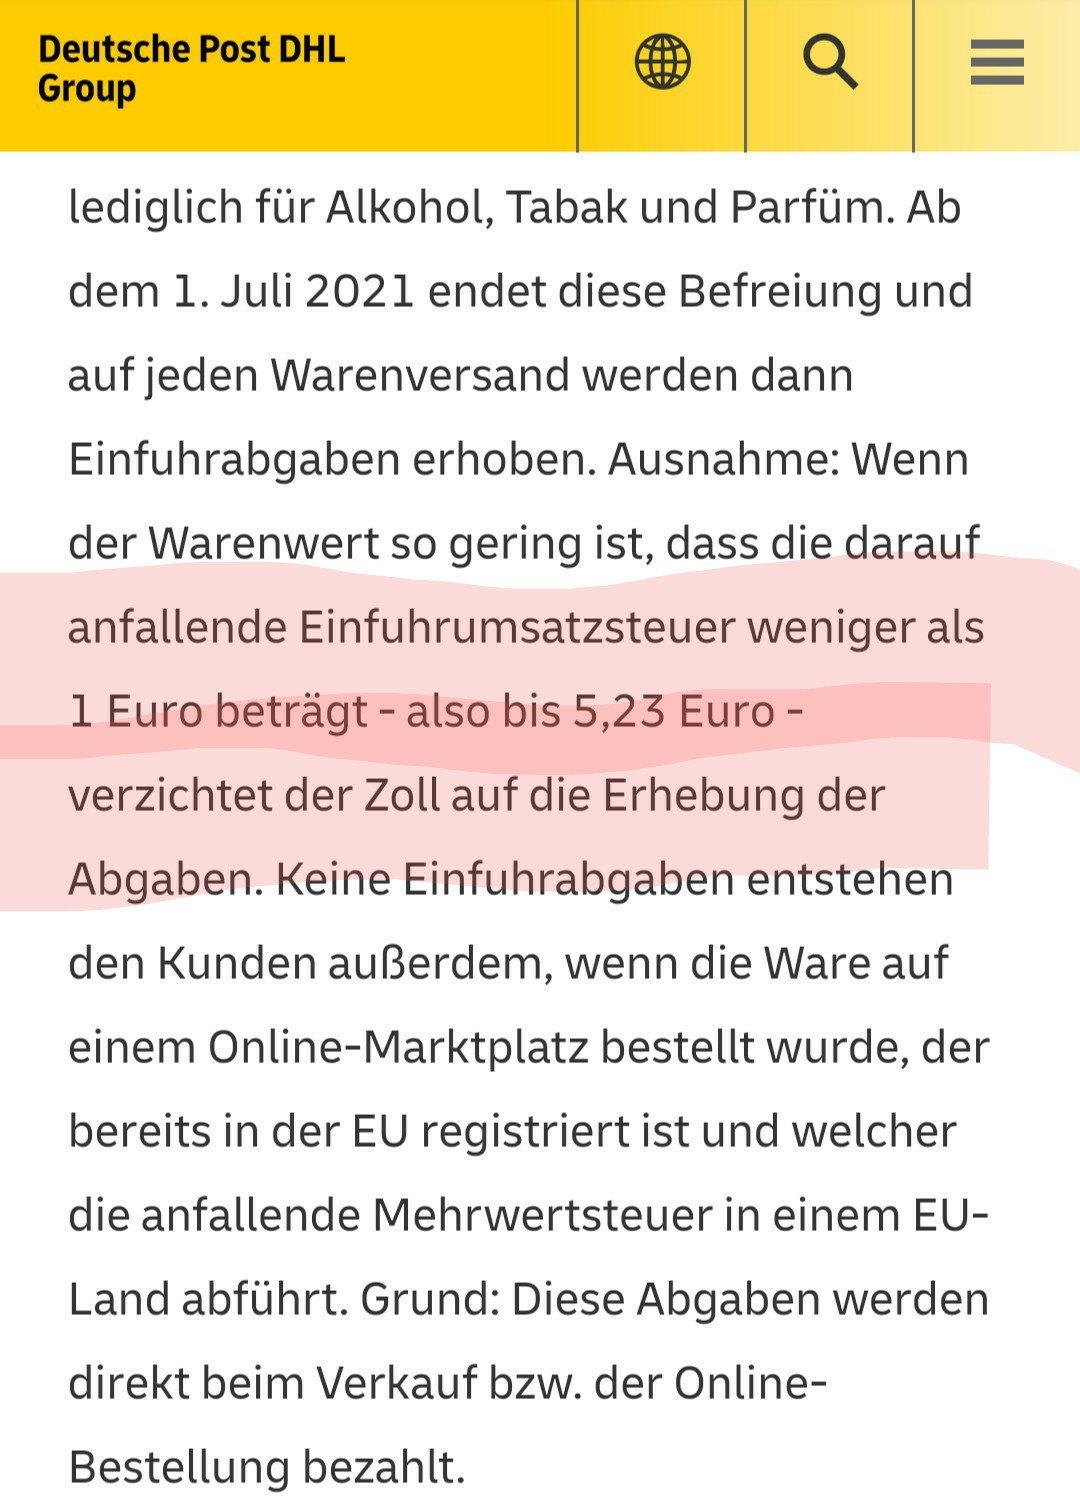 德国邮政对7月1号开始征收VAT的解释